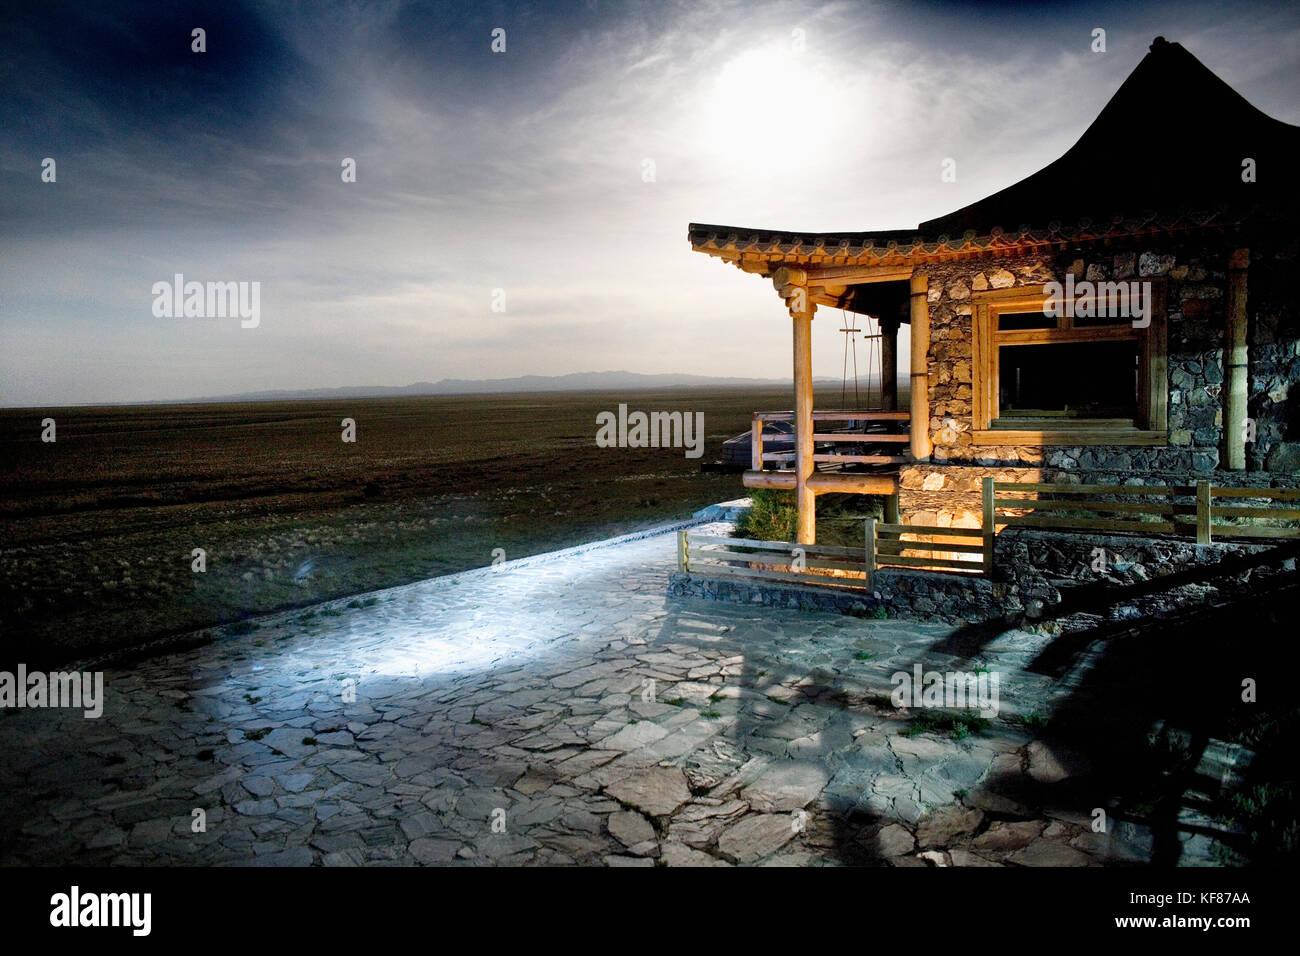 MONGOLIA, Ger camp in Gurvansaikhan National Park, Three Camel Lodge, the Gobi Desert - Stock Image